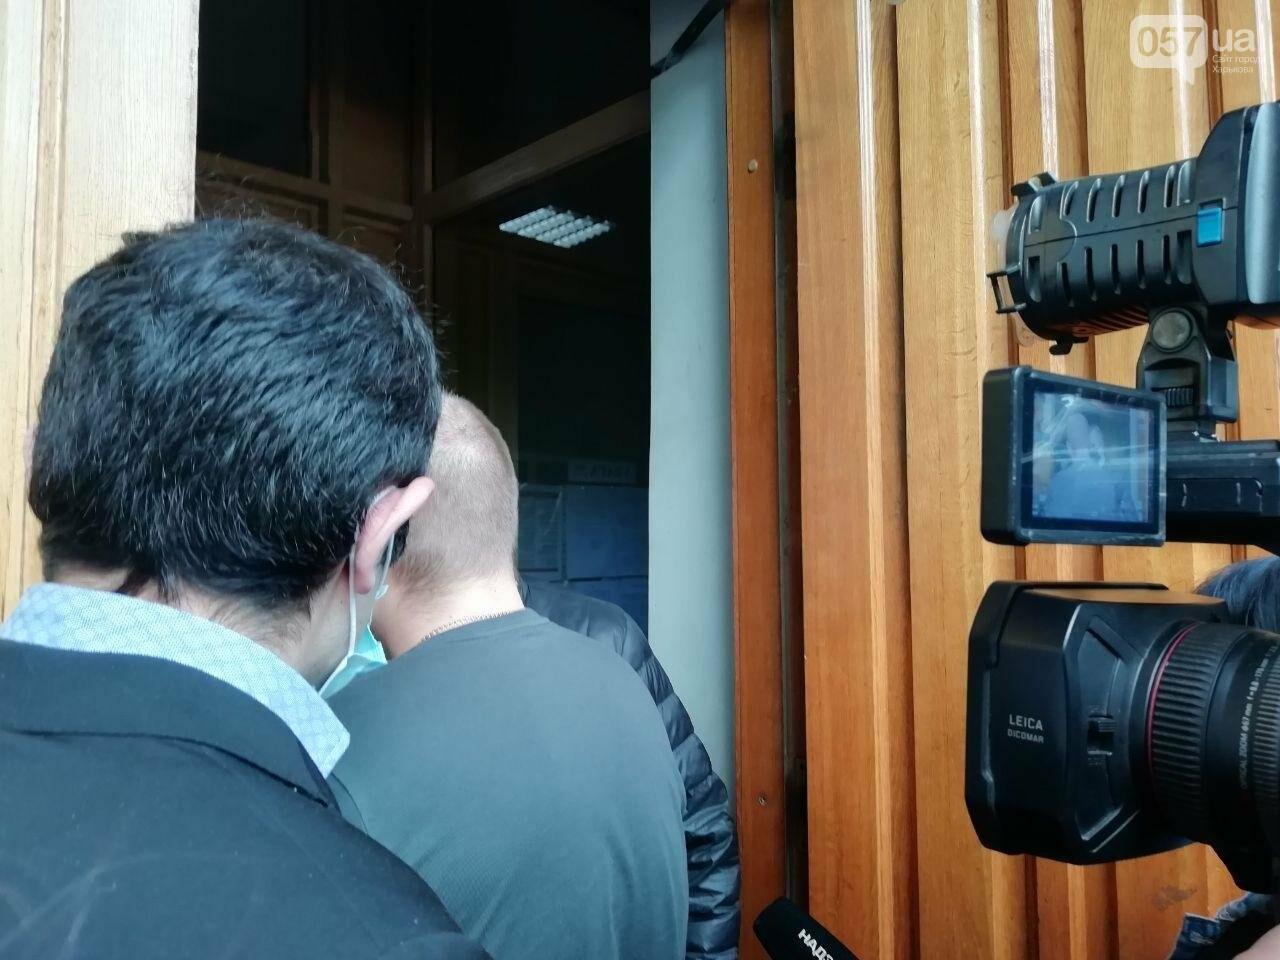 Жестокое избиение и изнасилование подростка в Харькове: суд арестовал подозреваемых, - ОНЛАЙН-ТРАНСЛЯЦИЯ, фото-8